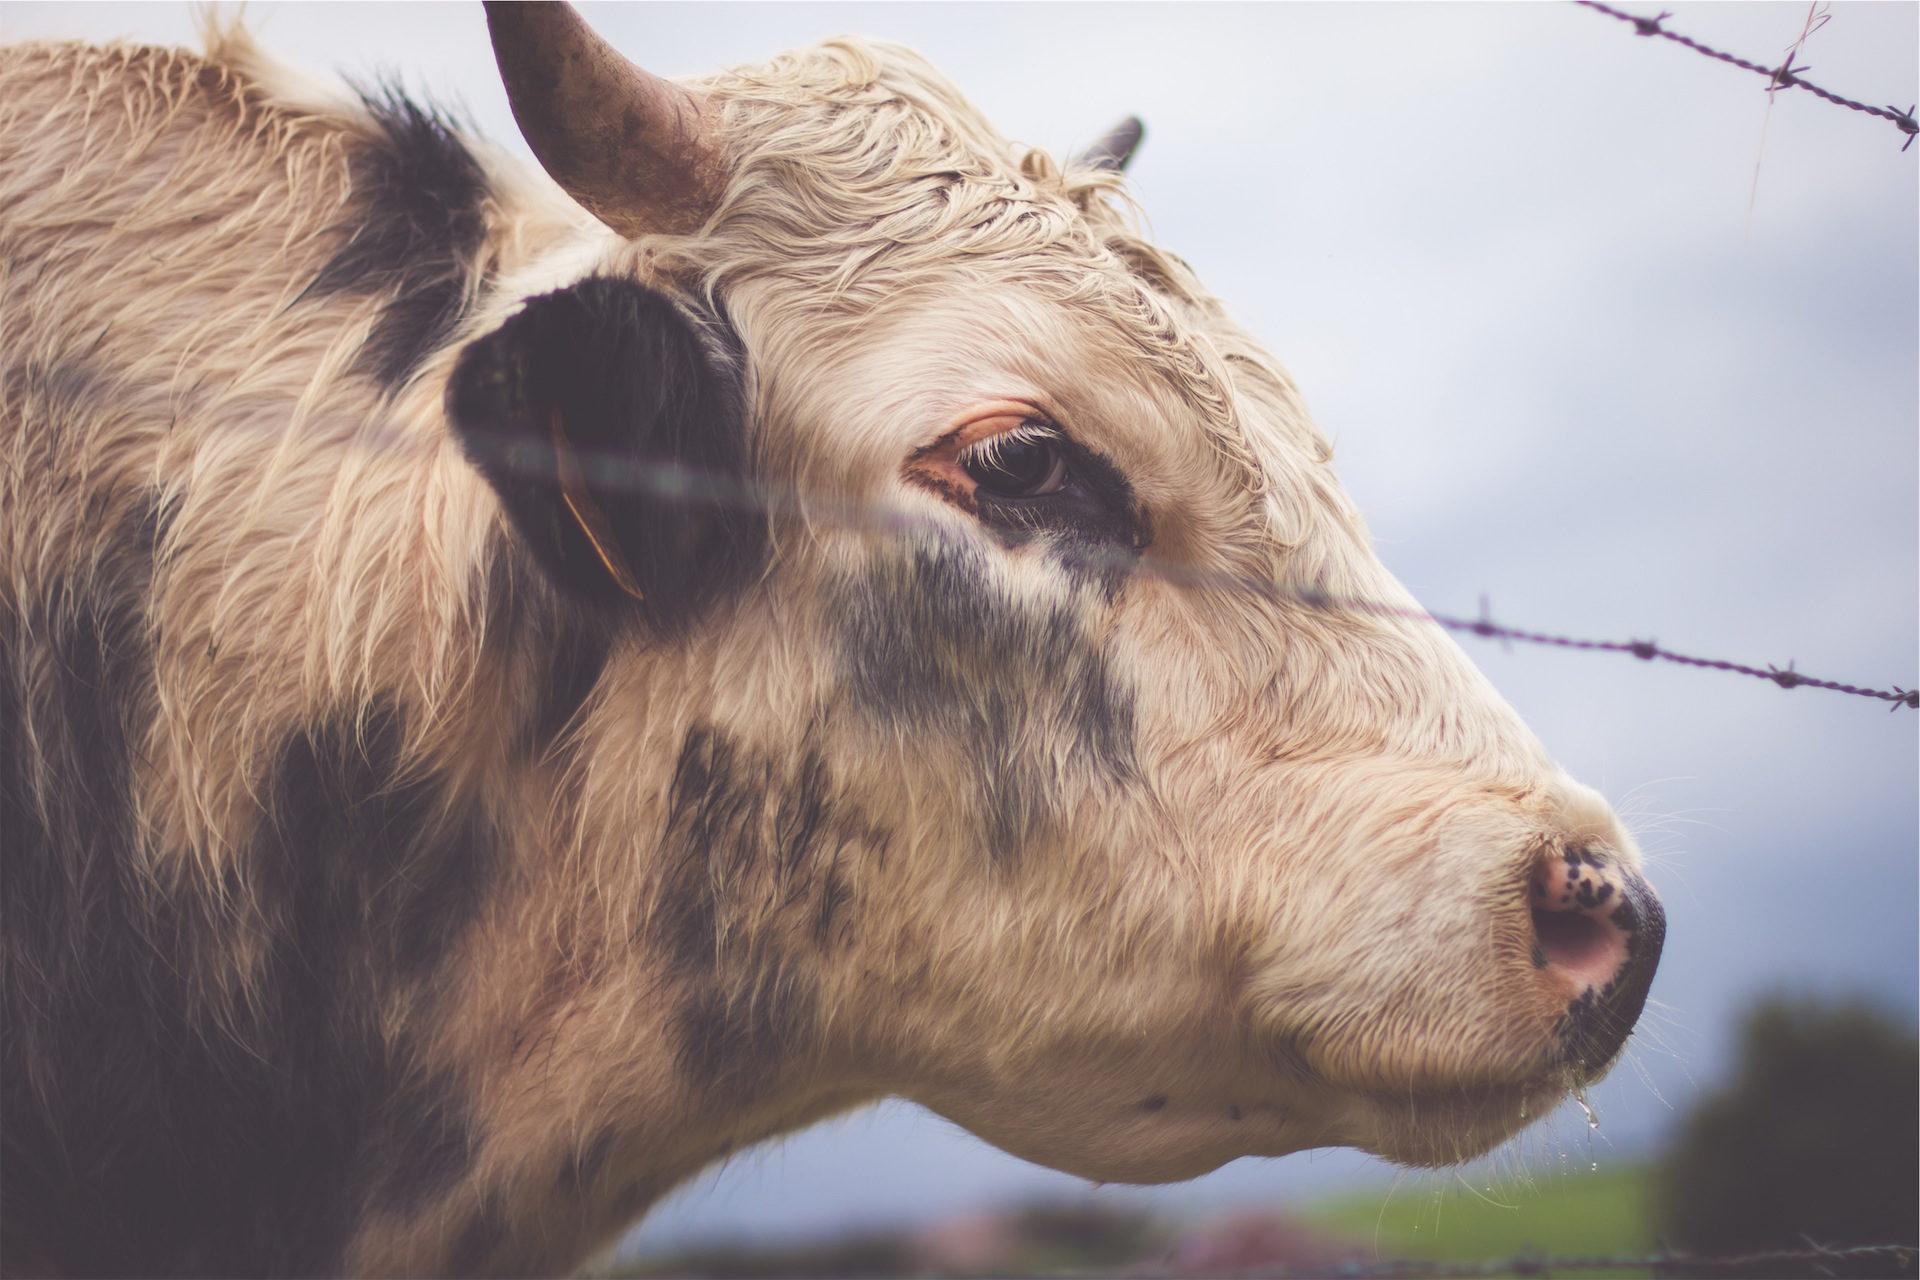 vaca, ternera, mirada, campo, valla - Fondos de Pantalla HD - professor-falken.com